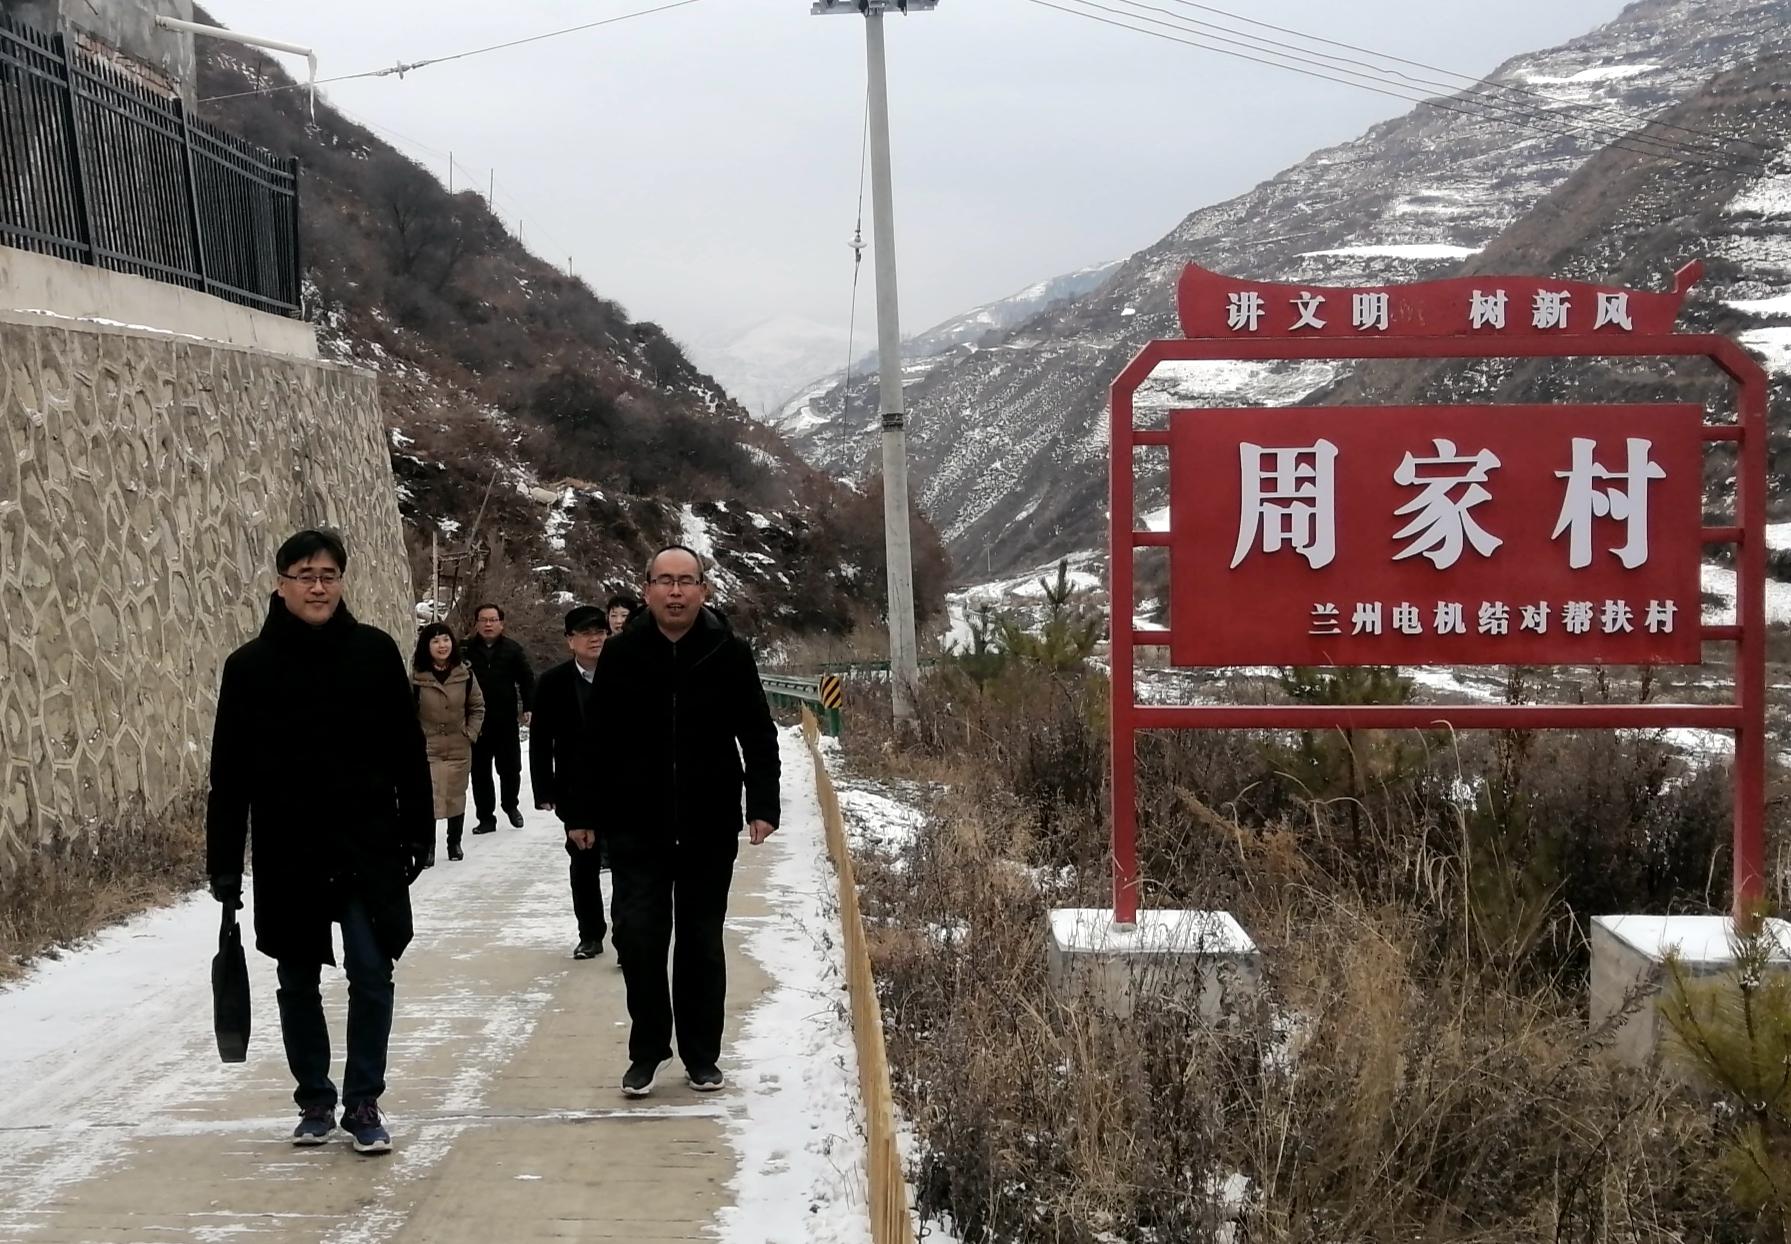 兰电公司帮扶干部进村入户开展帮扶工作